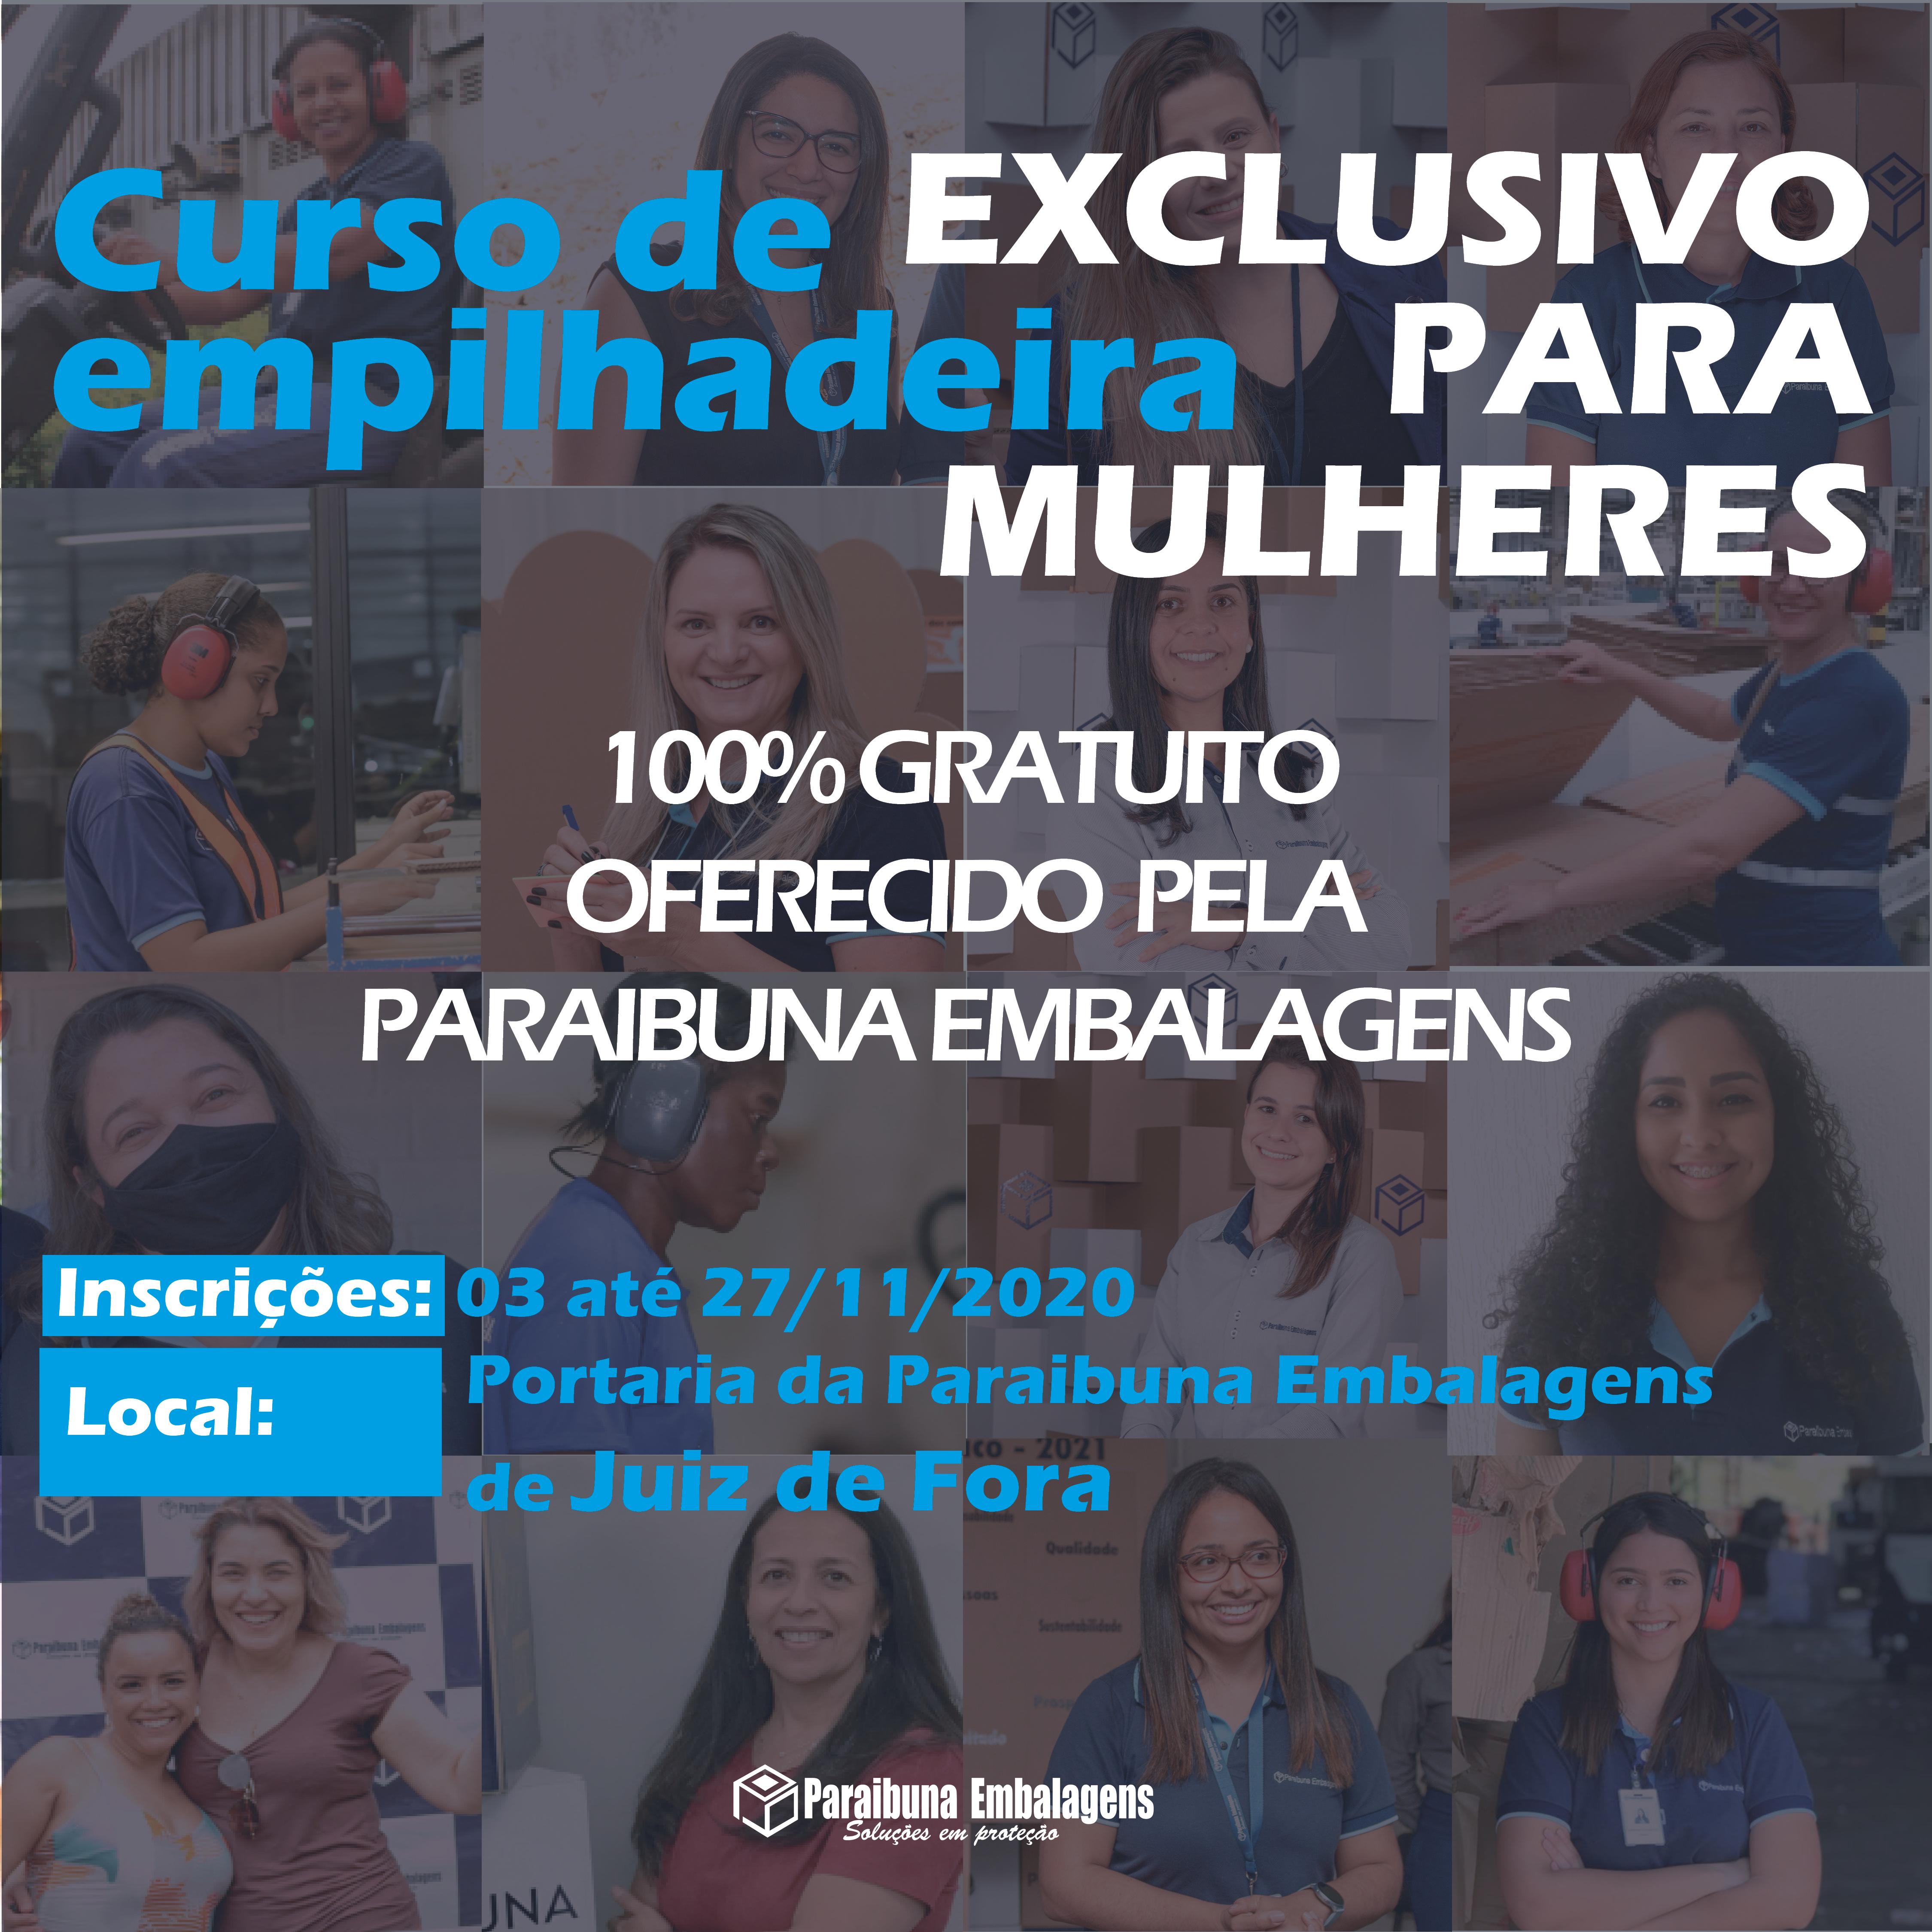 A Paraibuna Embalagens oferece curso de empilhadeira, EXCLUSIVO para MULHERES, 100% Gratuito, moradoras de JUIZ DE FORA!